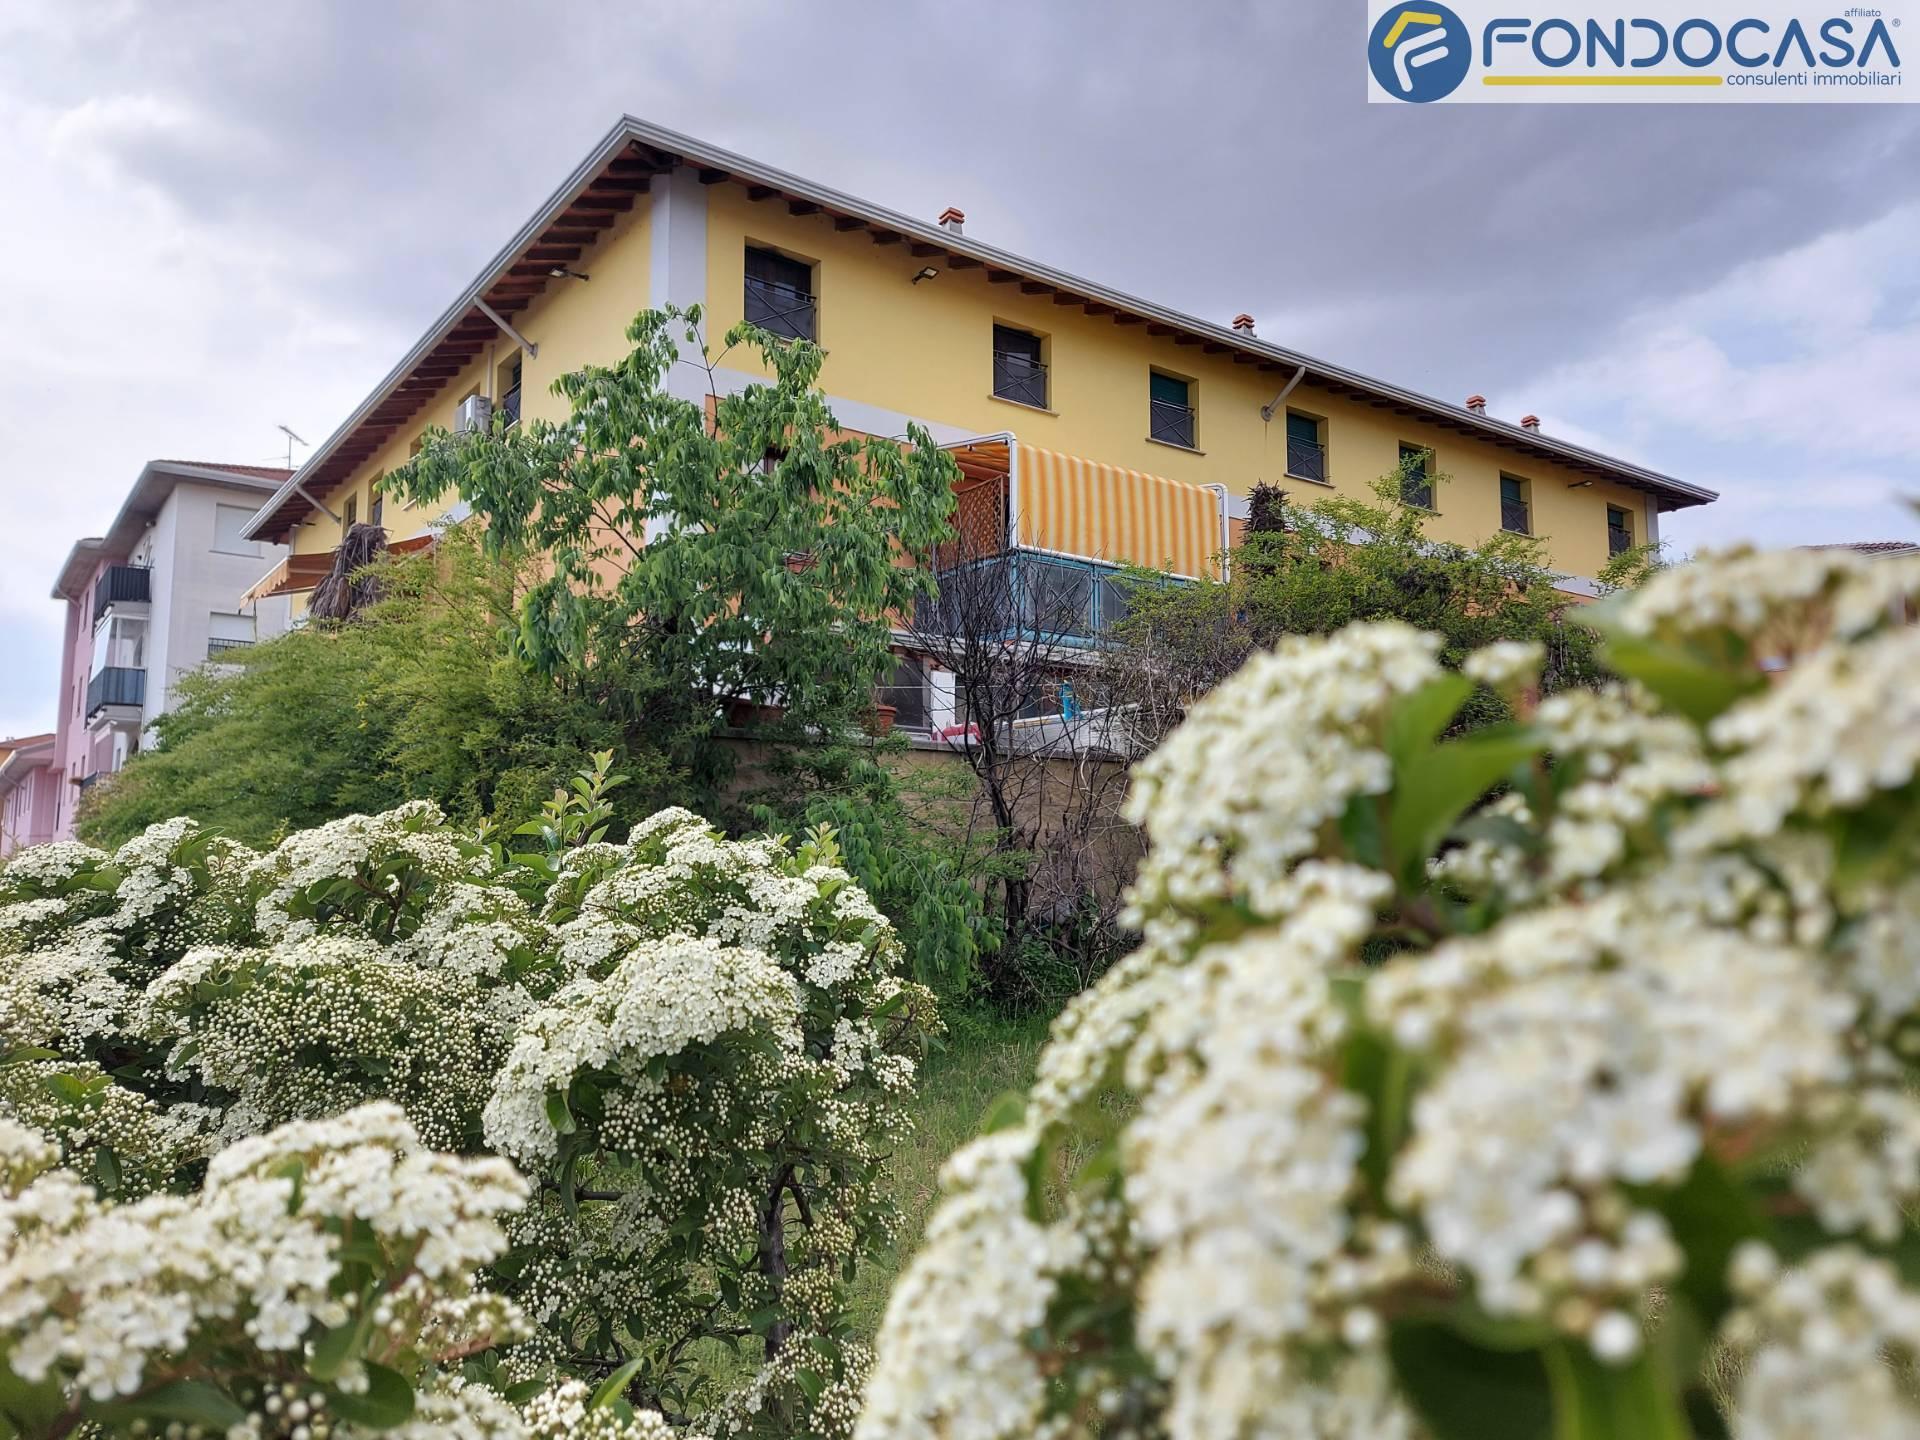 Appartamento in vendita a Castiglione delle Stiviere, 3 locali, prezzo € 124.900 | CambioCasa.it